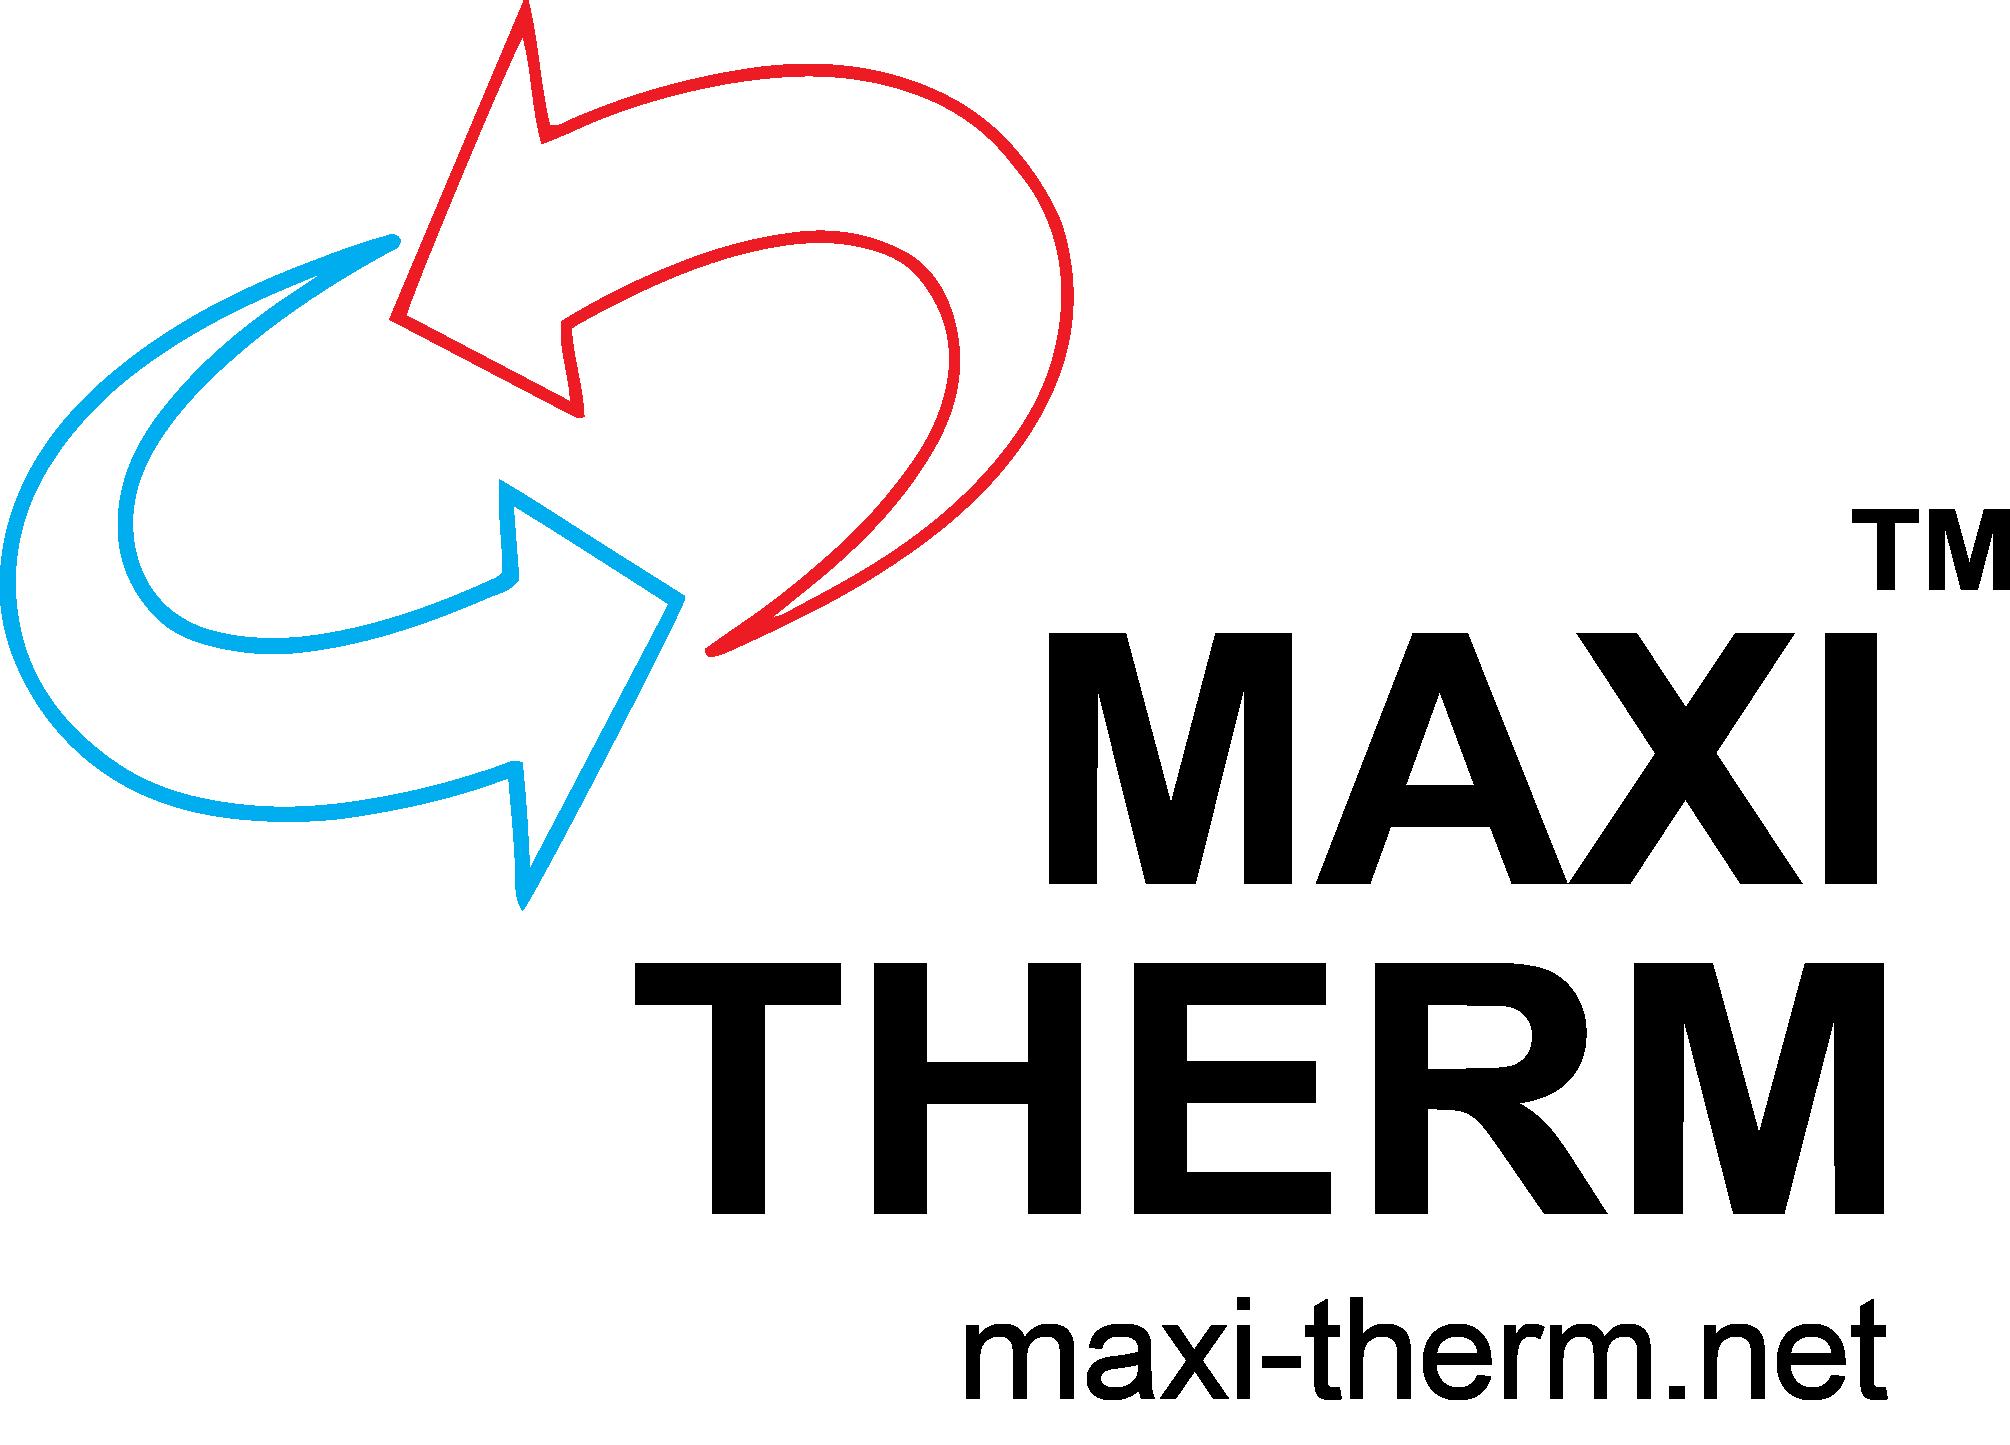 maxi-therm logo